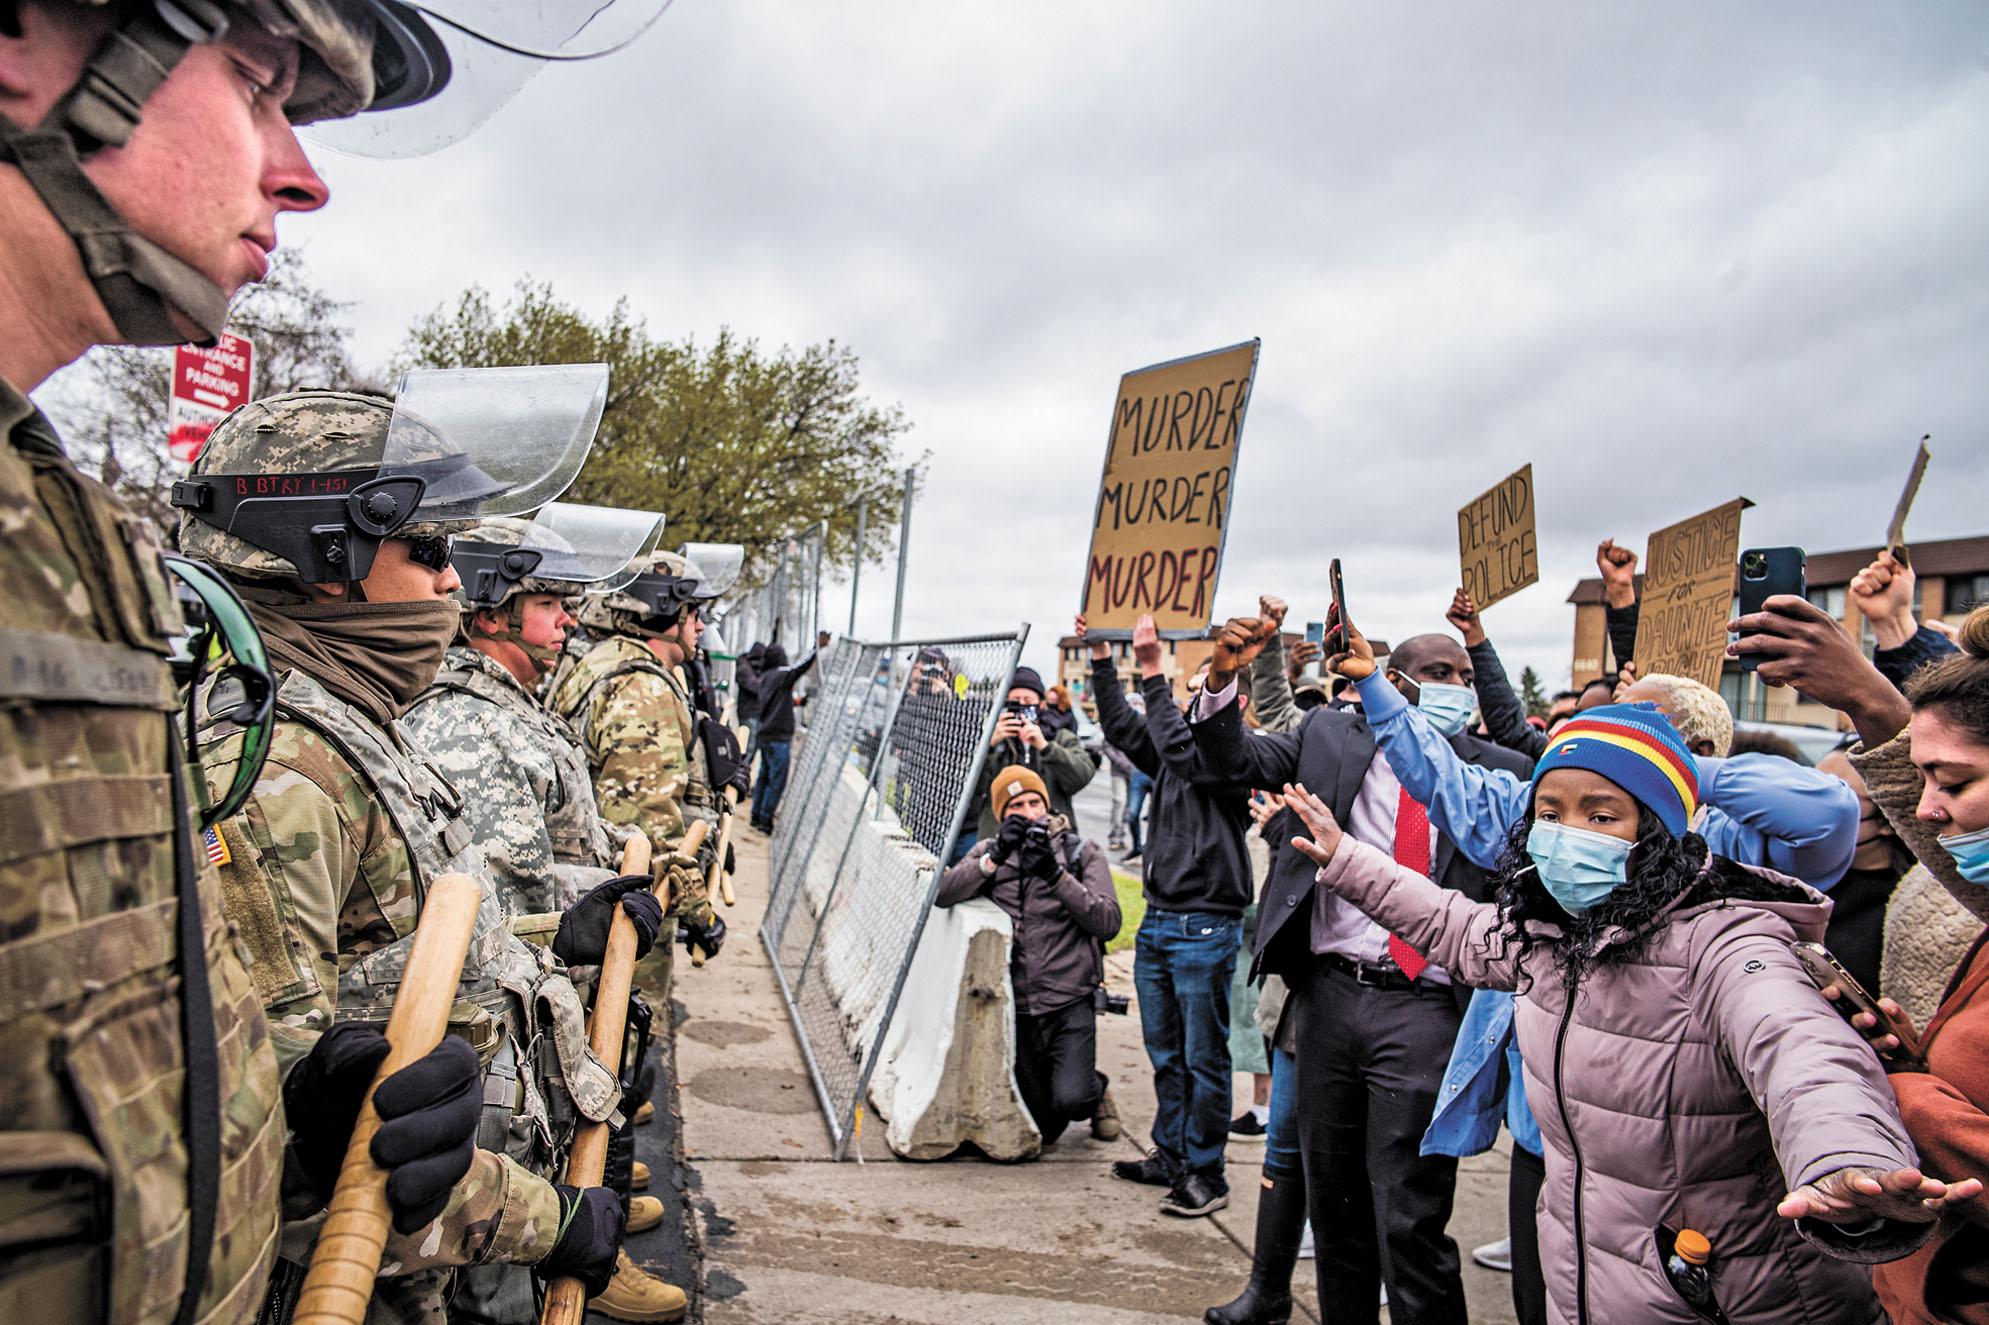 明尼蘇達州11日發生警察開槍打死非裔事件,引發民眾12日上街抗議。美聯社